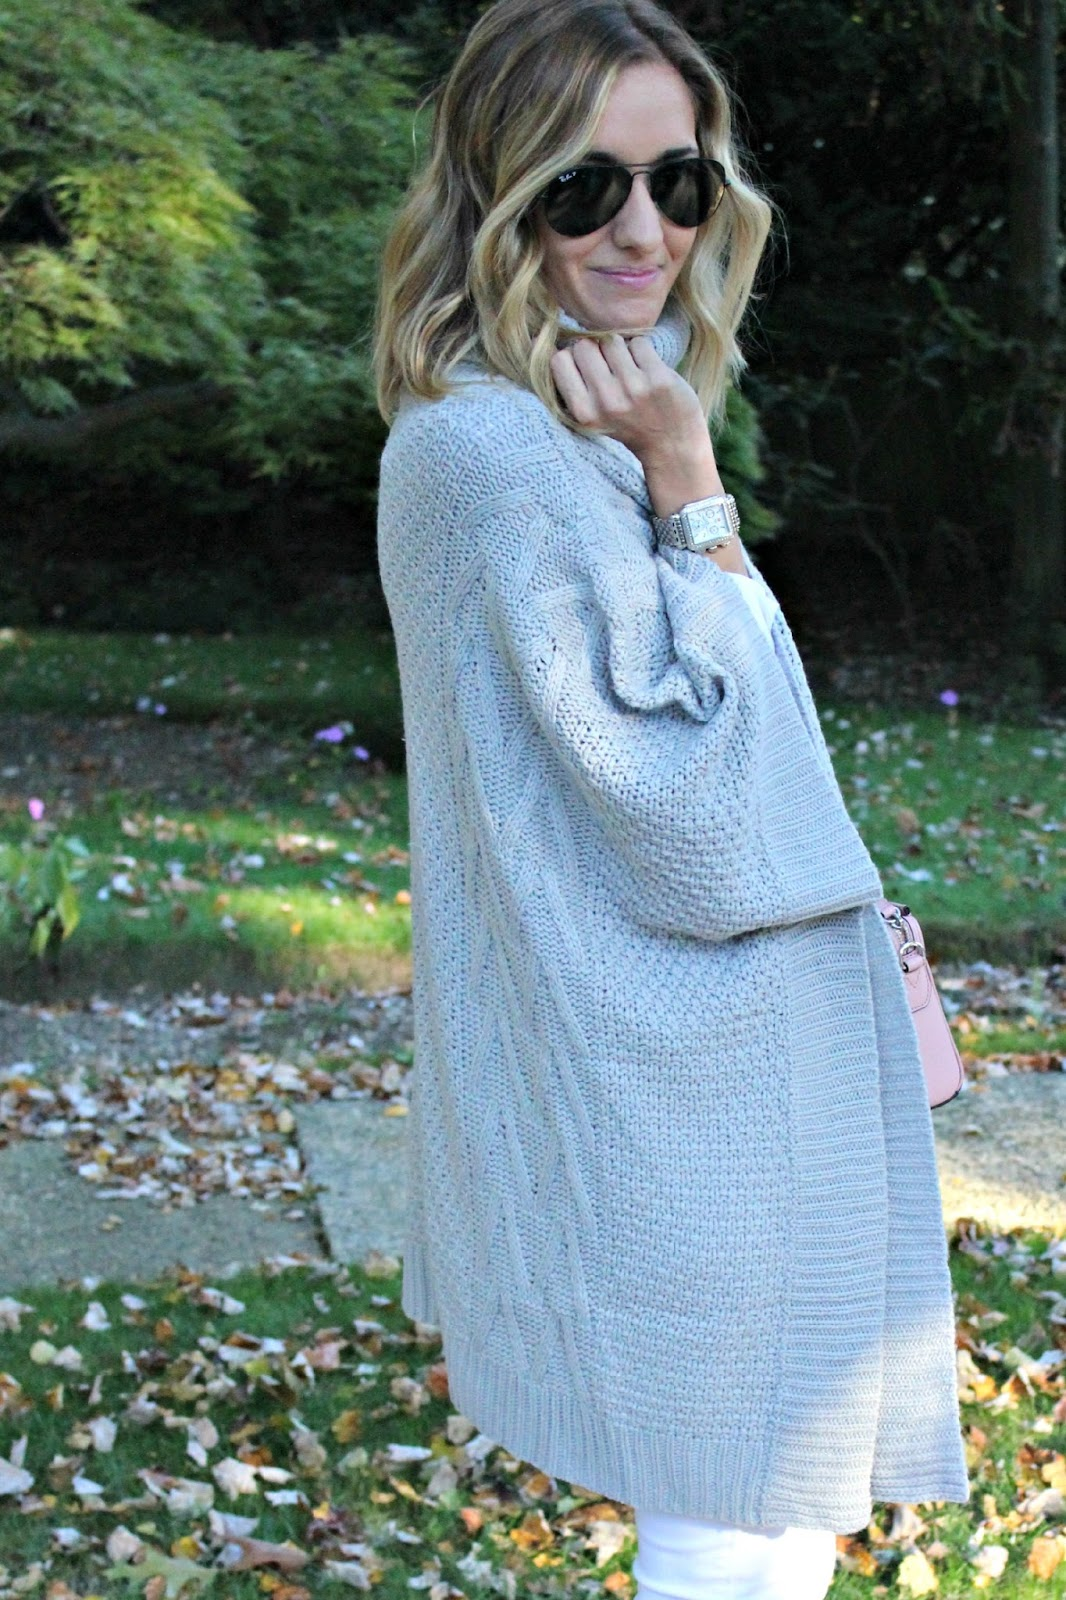 shein turtleneck sweater